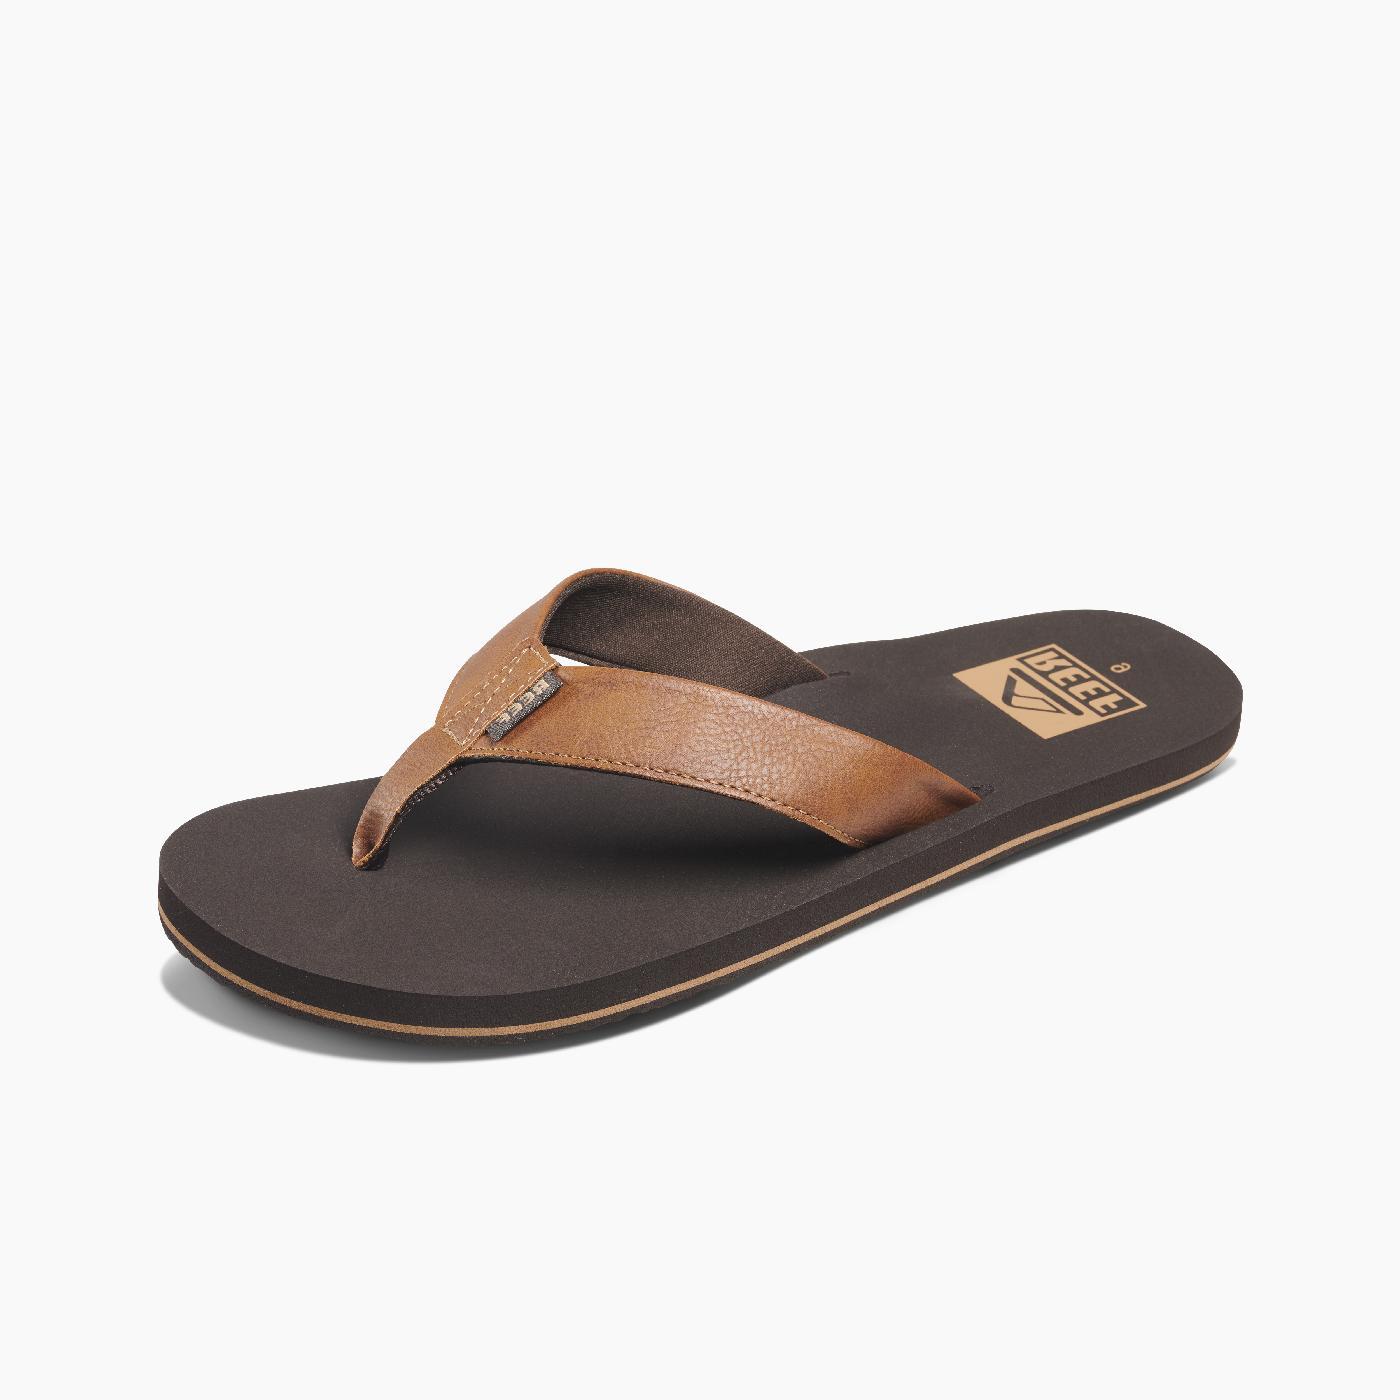 men s twinpin sandals flip flops brown